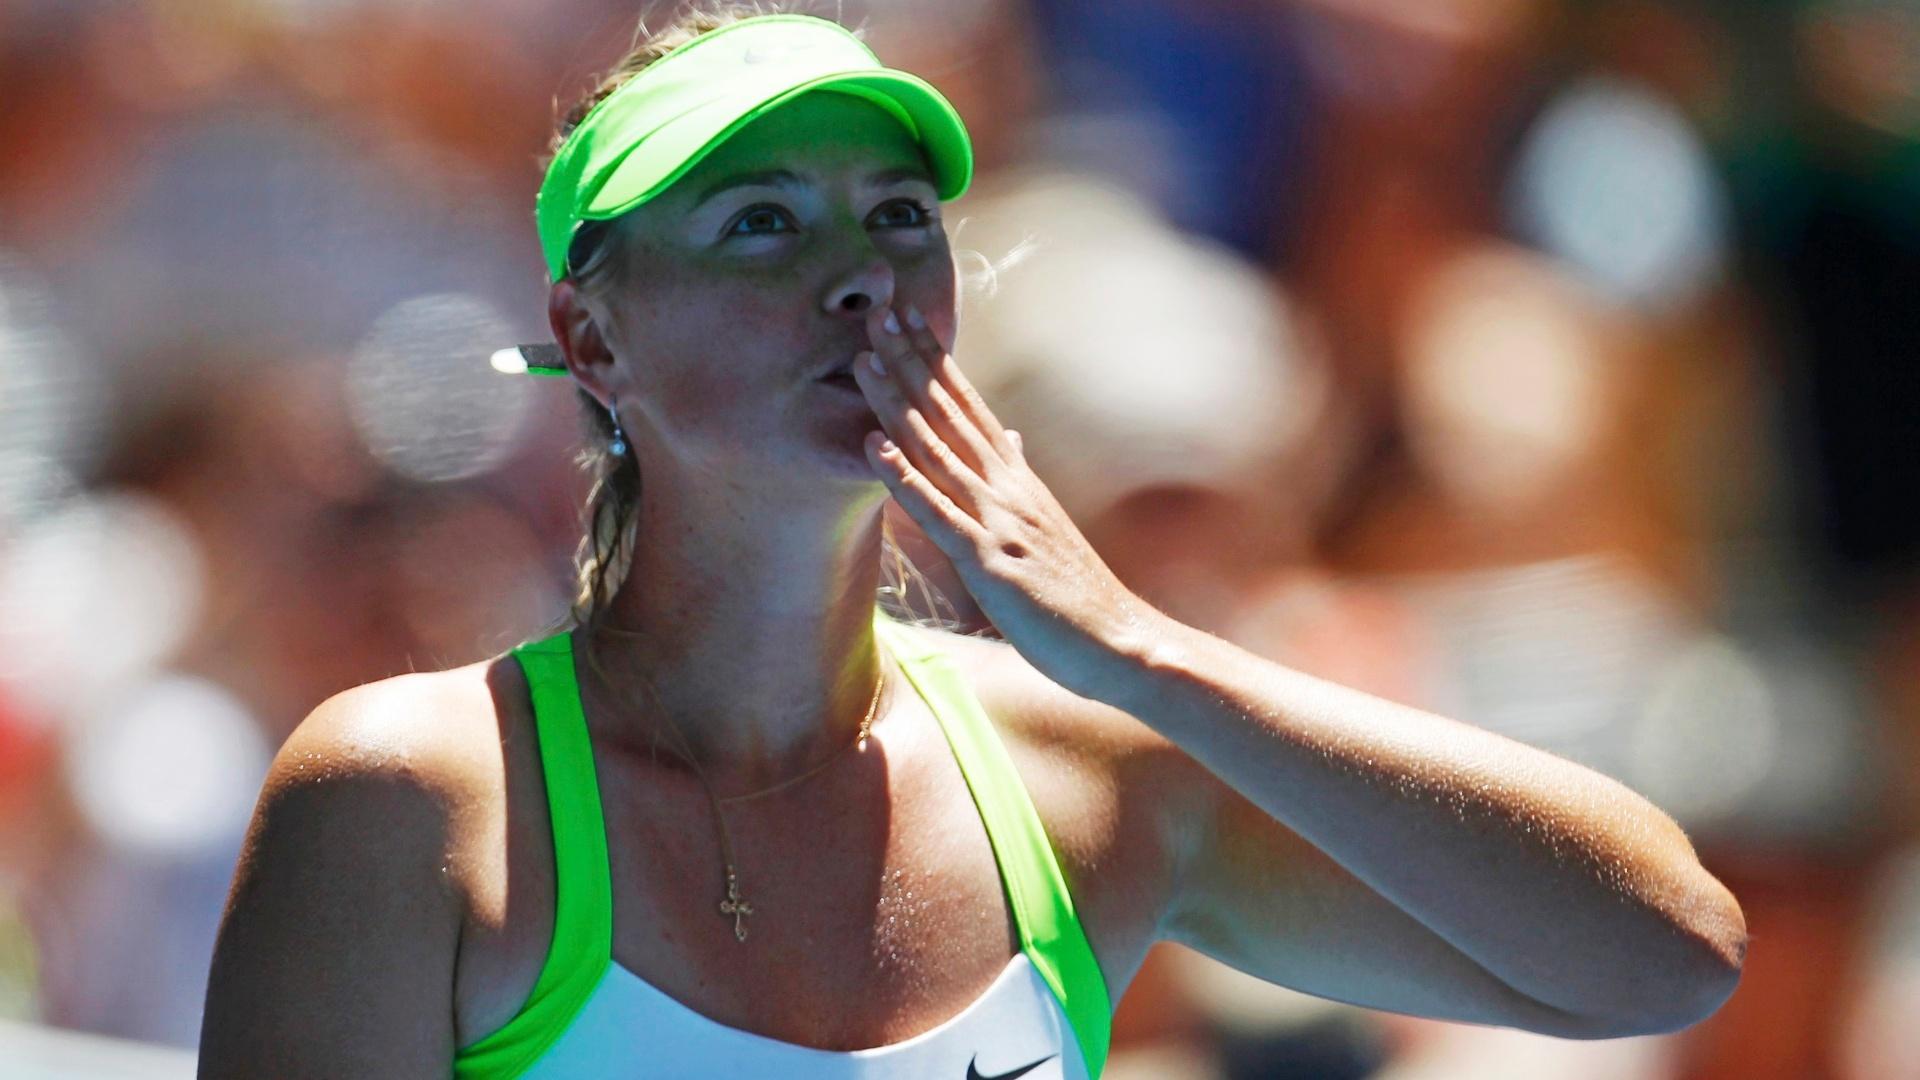 Maria Sharapova manda beijo para a torcida após vitória no Aberto da Austrália (17/01/2012)